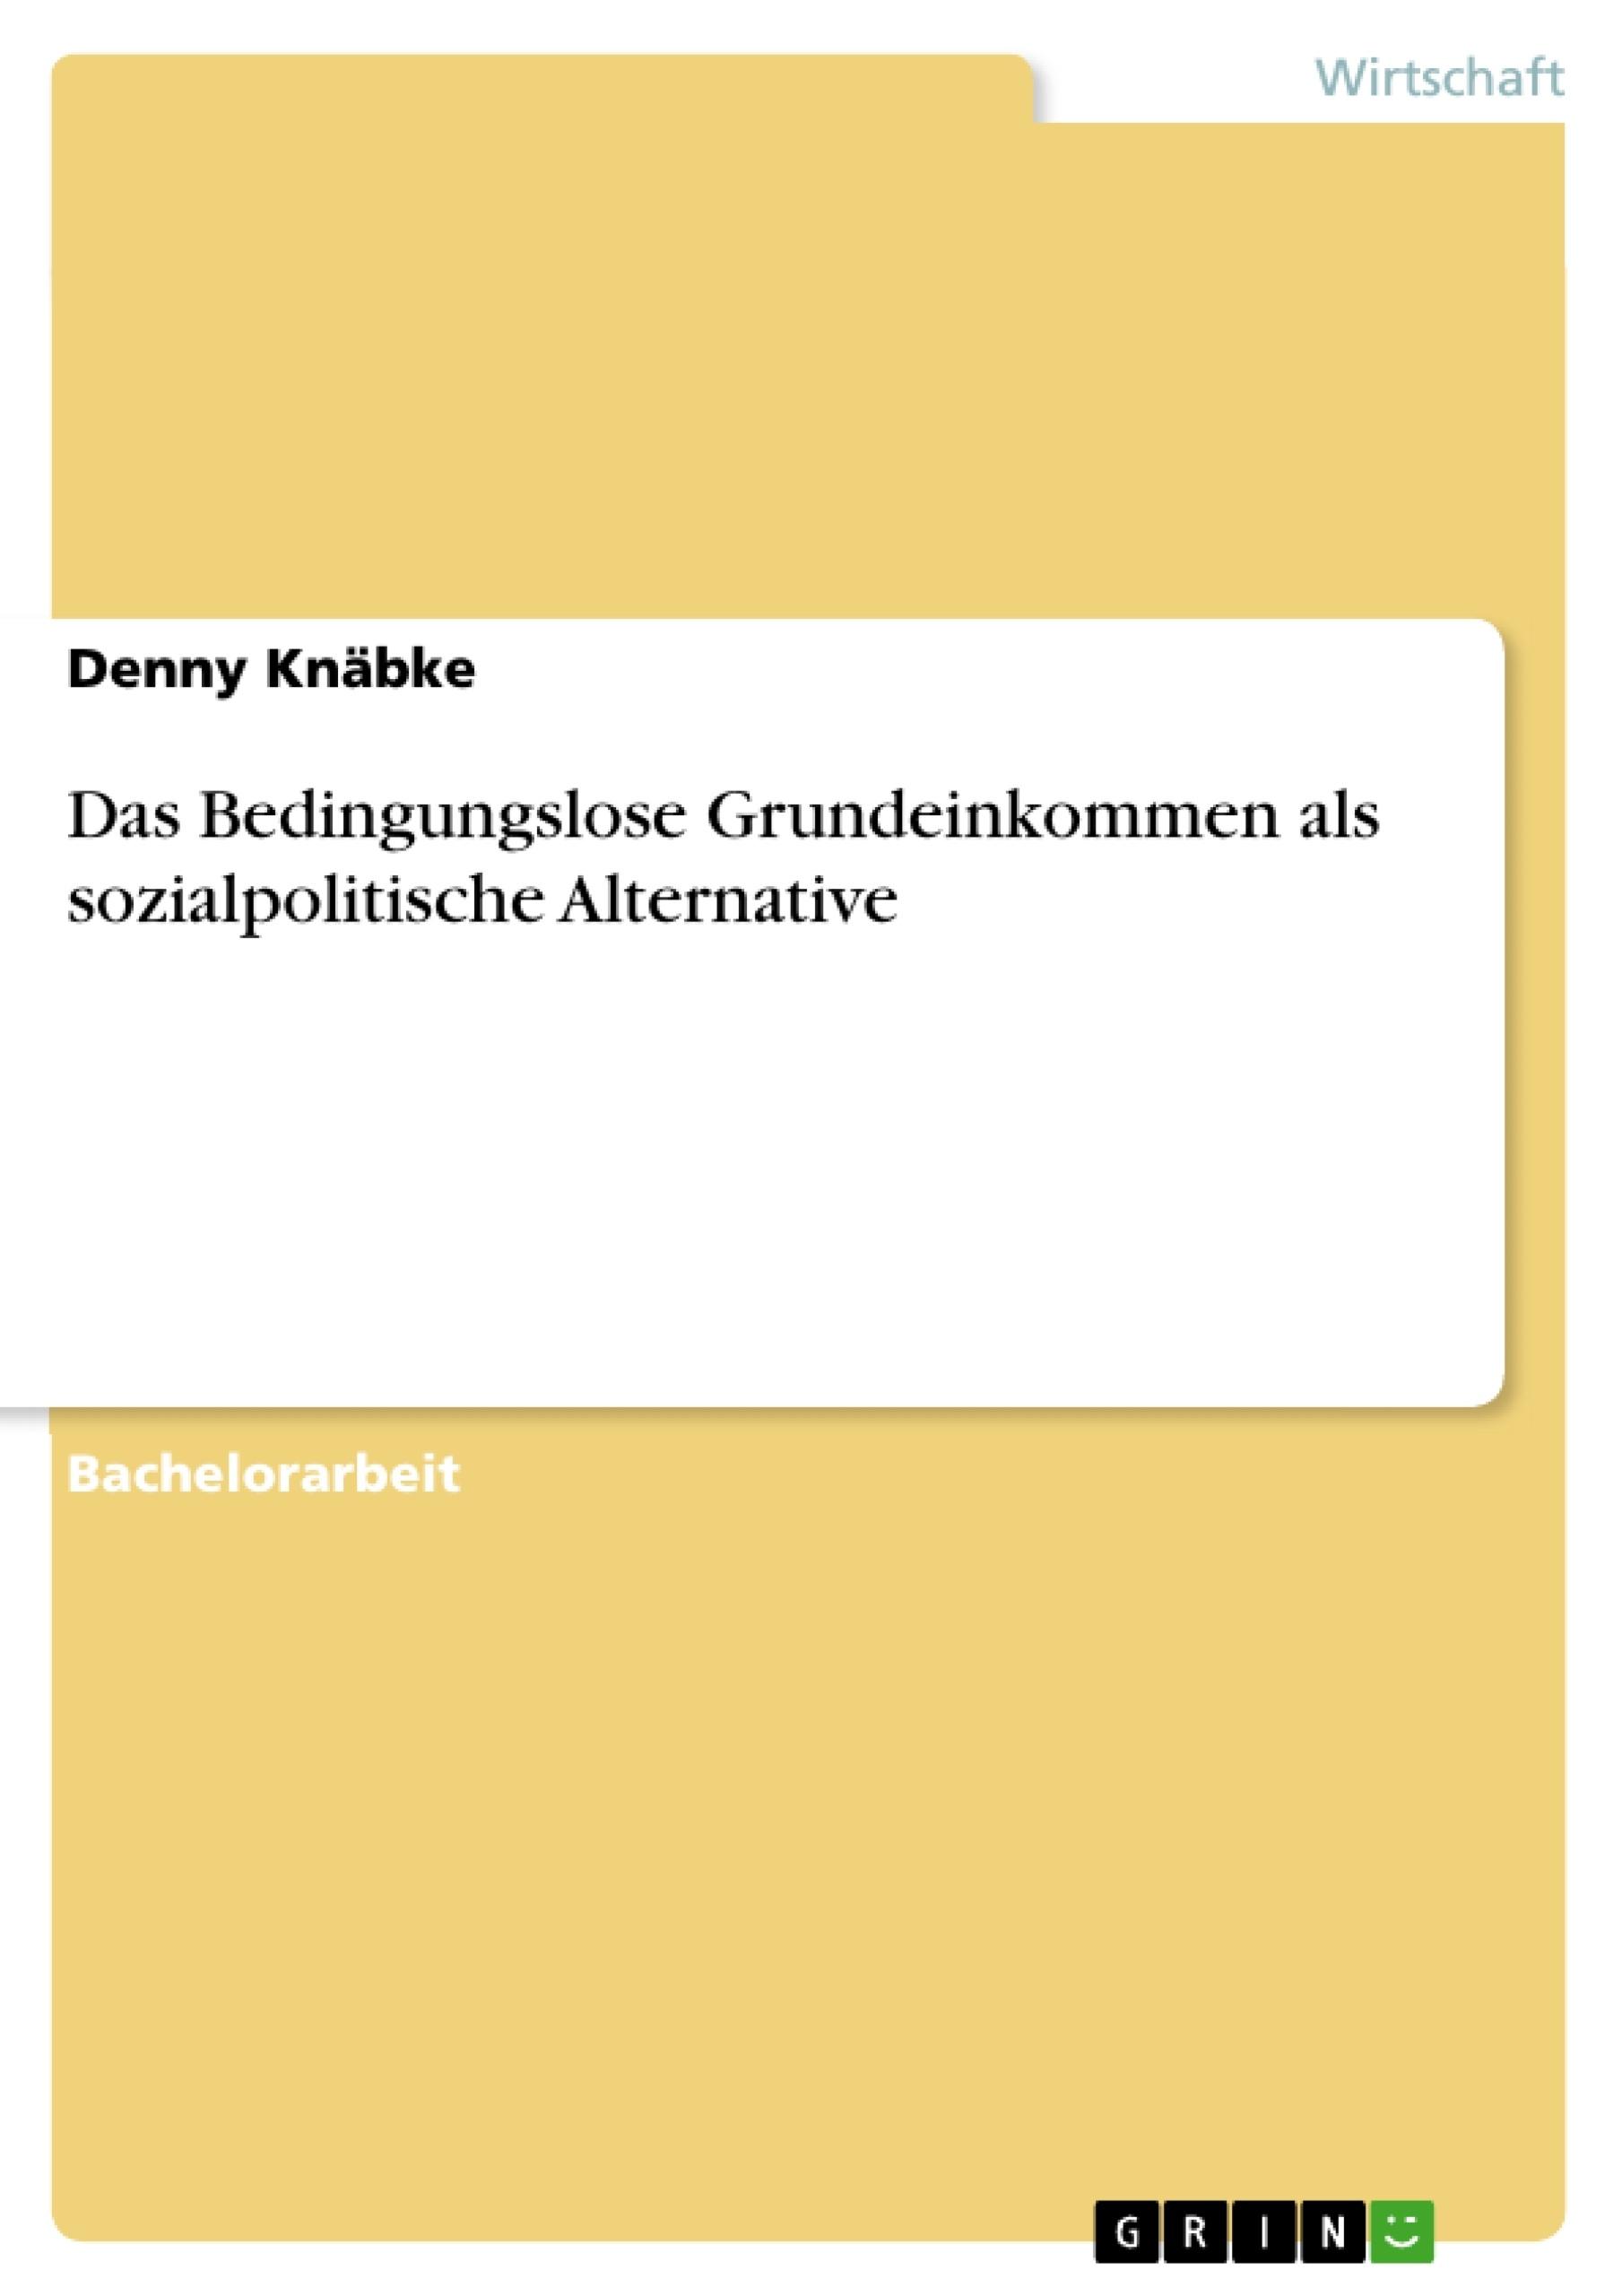 Titel: Das Bedingungslose Grundeinkommen als sozialpolitische Alternative